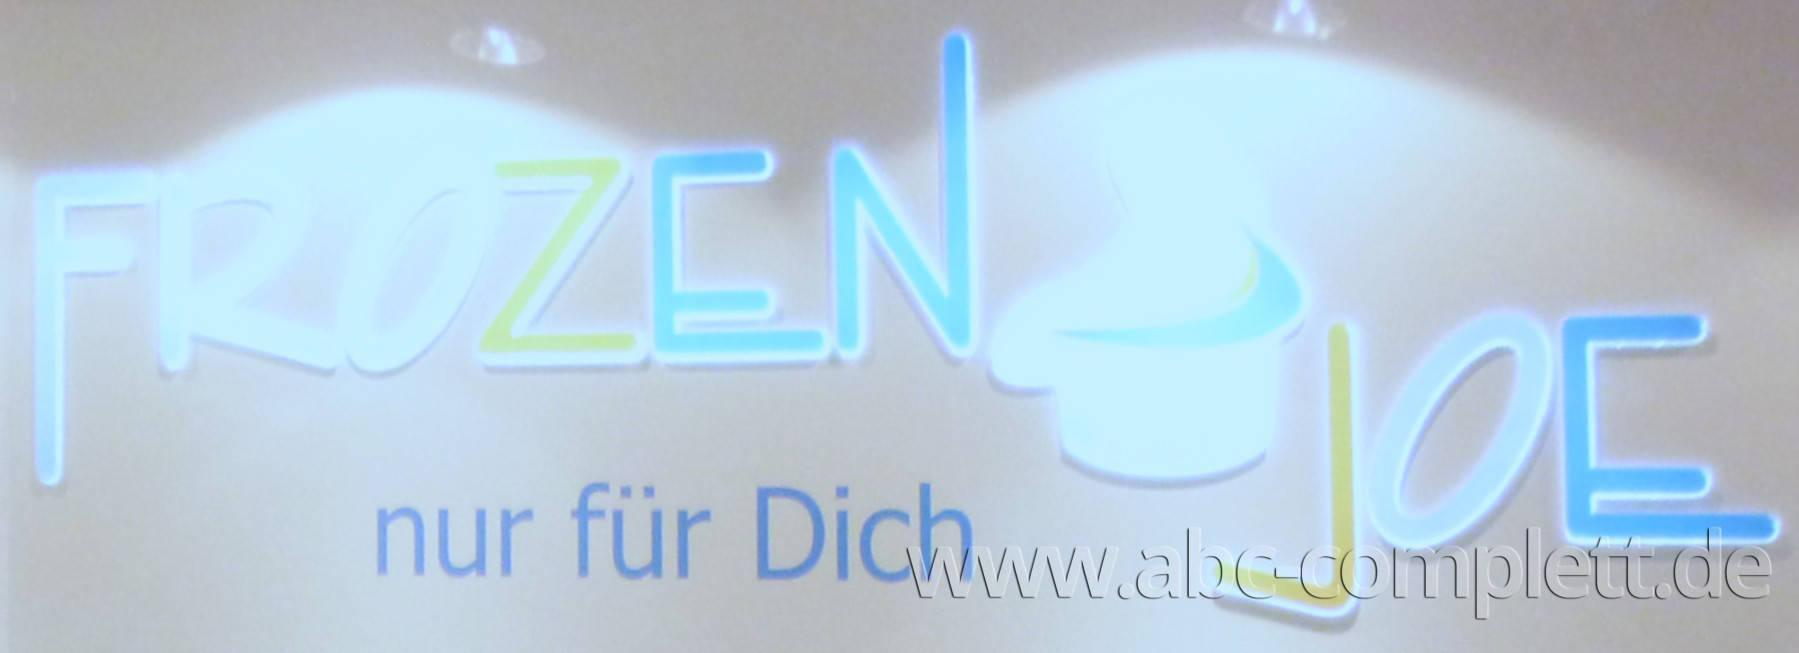 Ansicht des Geschäfts: Frozen Joe, Frozen Yogurt in Selbstbedienung, Wildau / A 10 Center, Foto 3